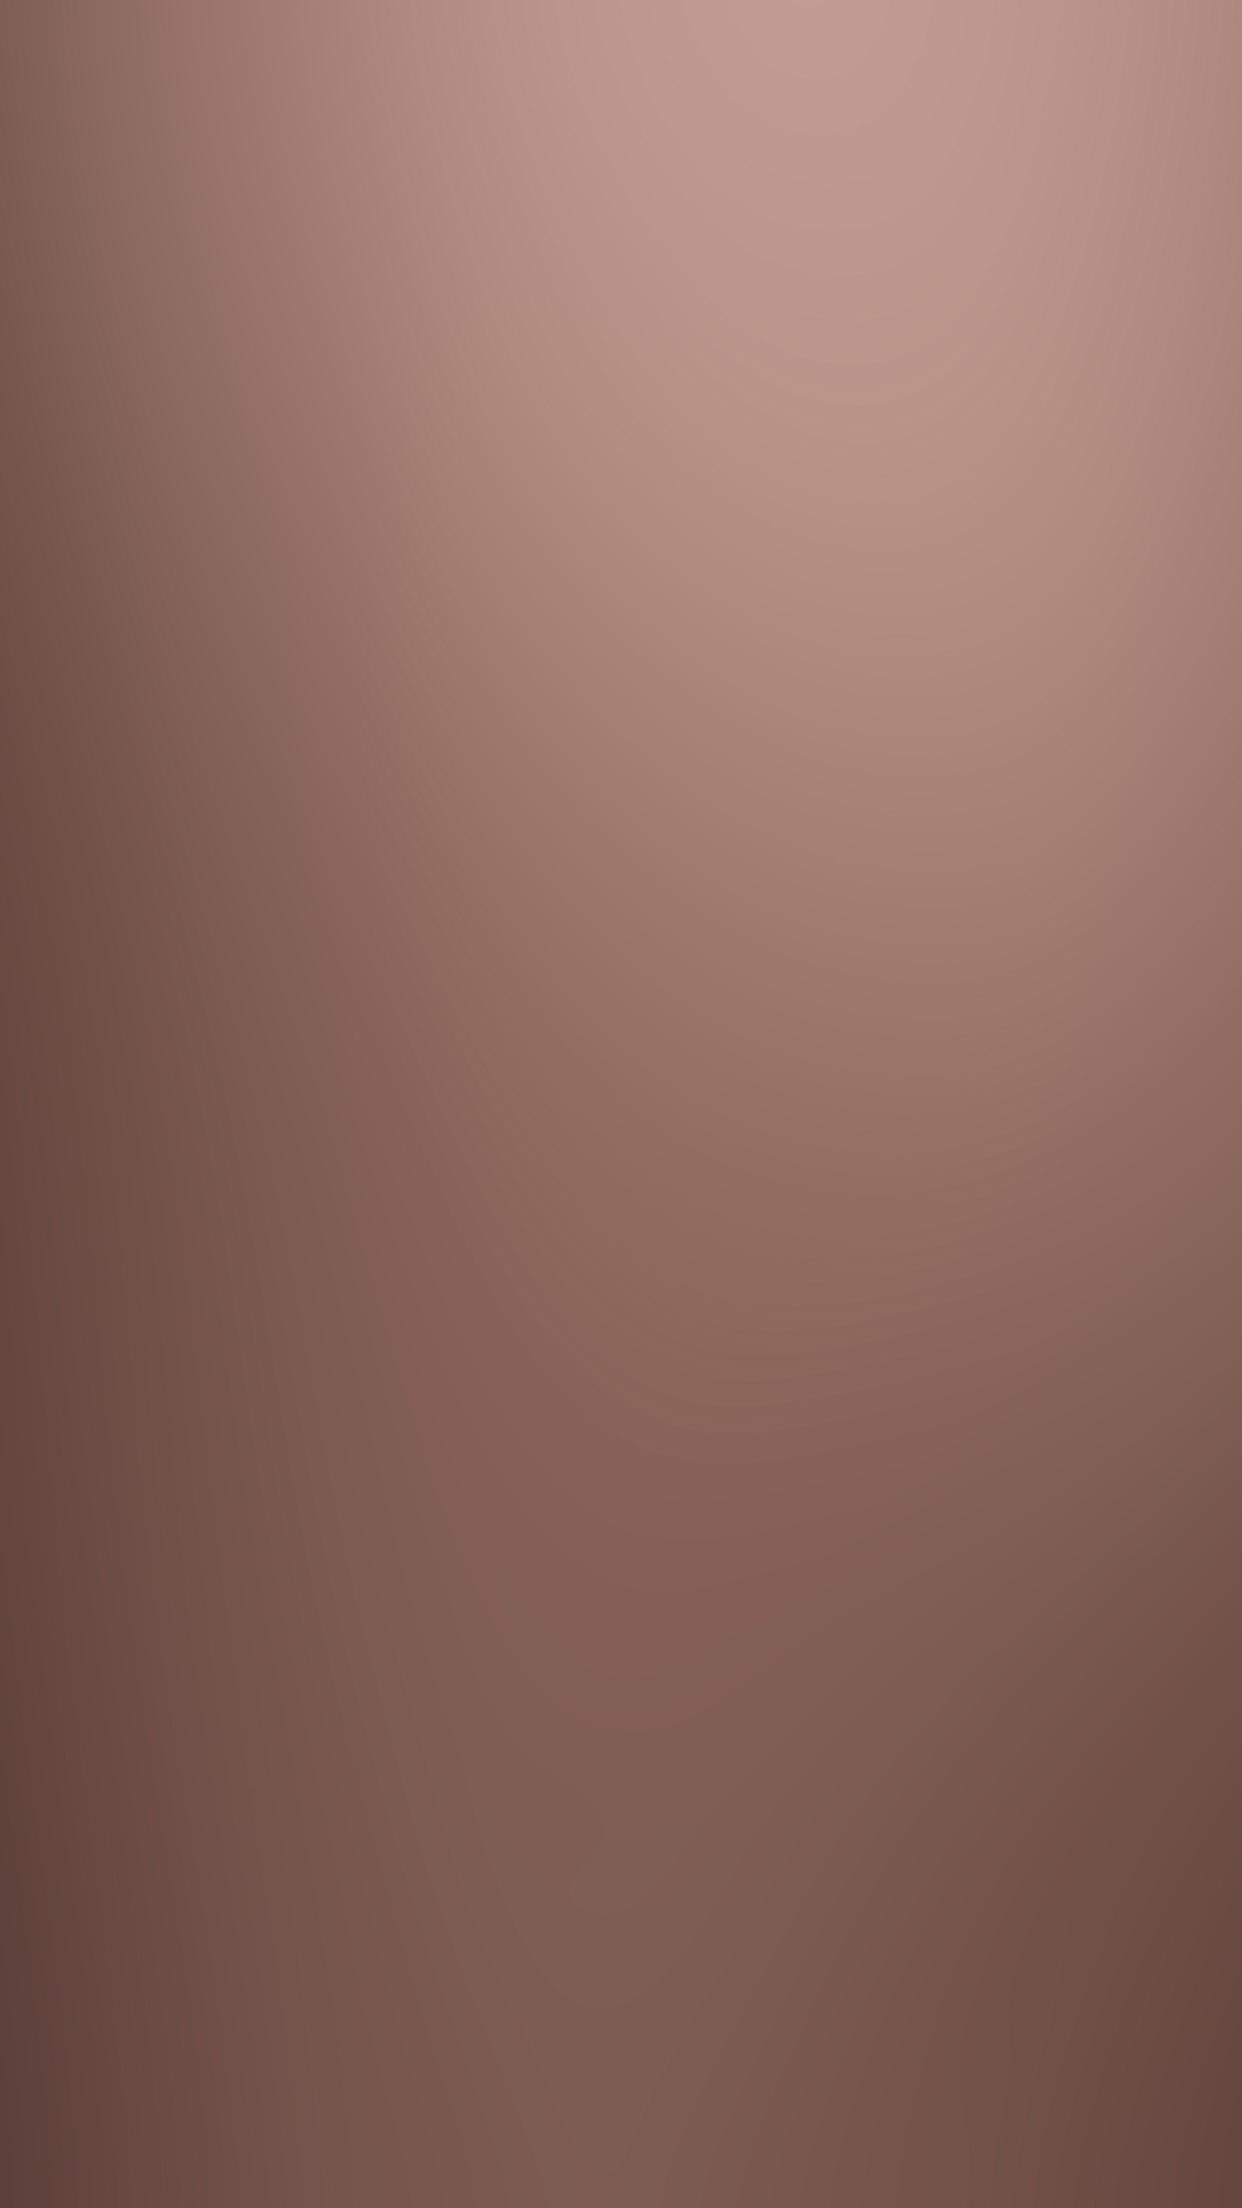 Brown Beige Rose Gold Gradation Blur